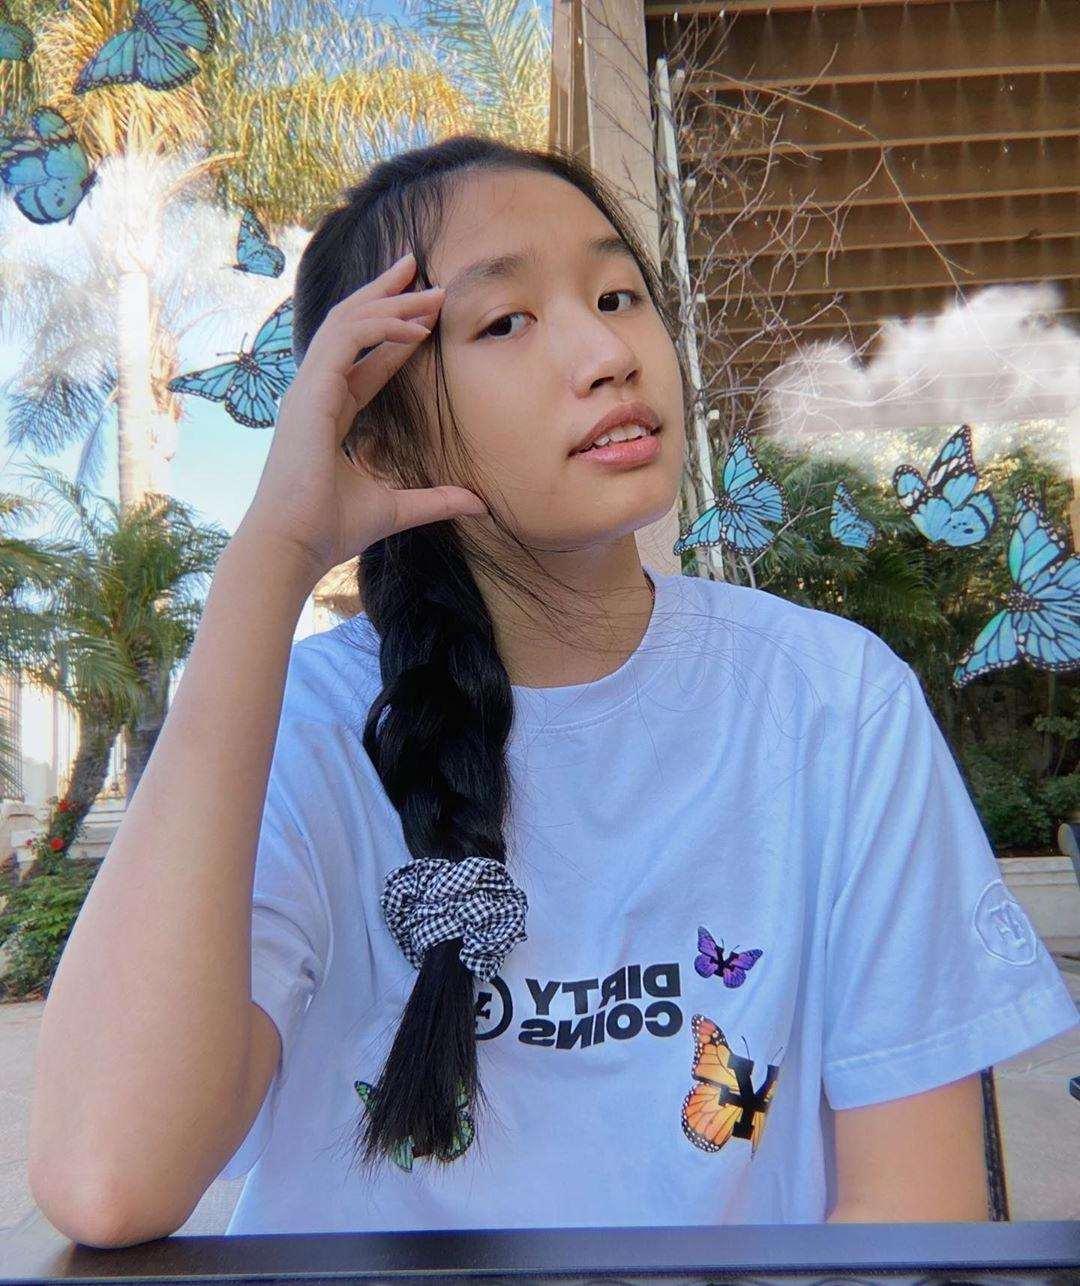 'Rich kid' Việt 15 tuổi đi Mỹ như cơm bữa, có thu nhập hơn 100 triệu đồng/tháng là ai? 3